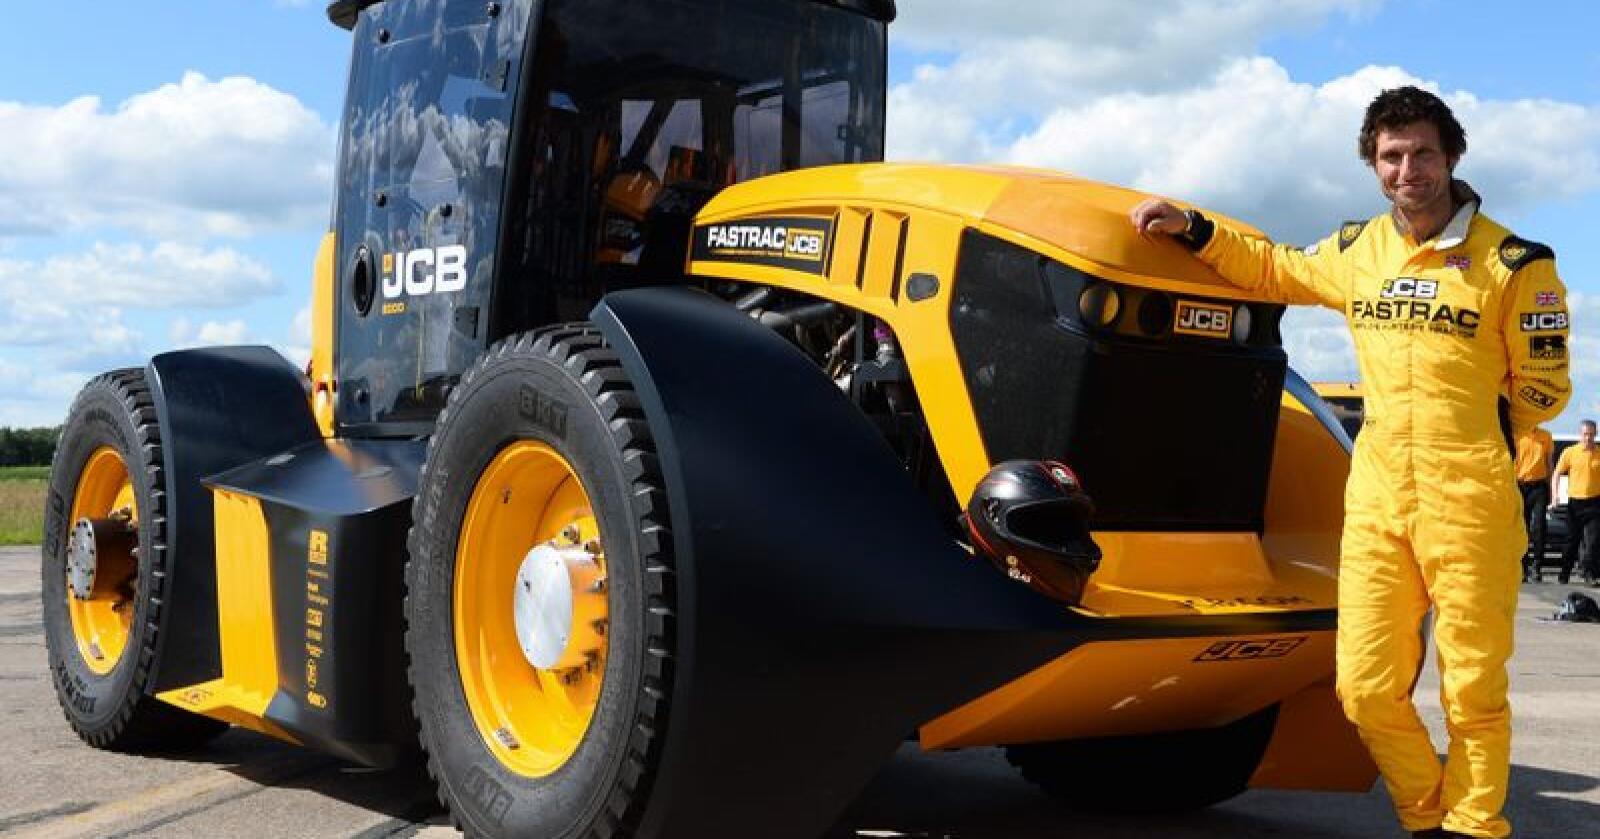 For omtrent nøyaktig 28 år siden, klekket Briten Lord Bamford ut ideen om å utvikle en traktor egna for å både kunne utføre tradisjonelt jordbruksarbeide som å følge veitrafikken. Den 21. juni nådde visjonen uanseelige høyder. JCB har satt ny hastighetsrekord på vanvittige 166,7 kilometer i timen med traktor! (Foto: JCB)